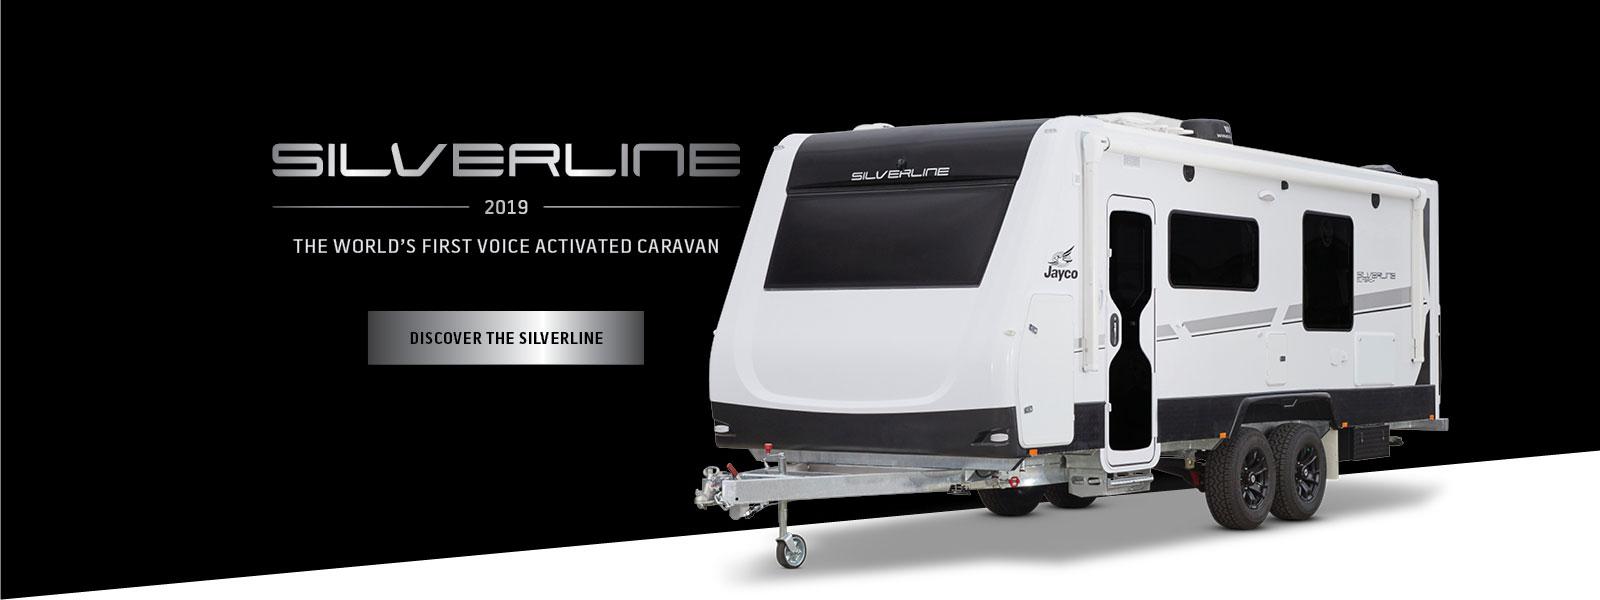 2019 06 06 Web Banners 1600x600 Silverline - 2019 Jayco Silverline Caravan